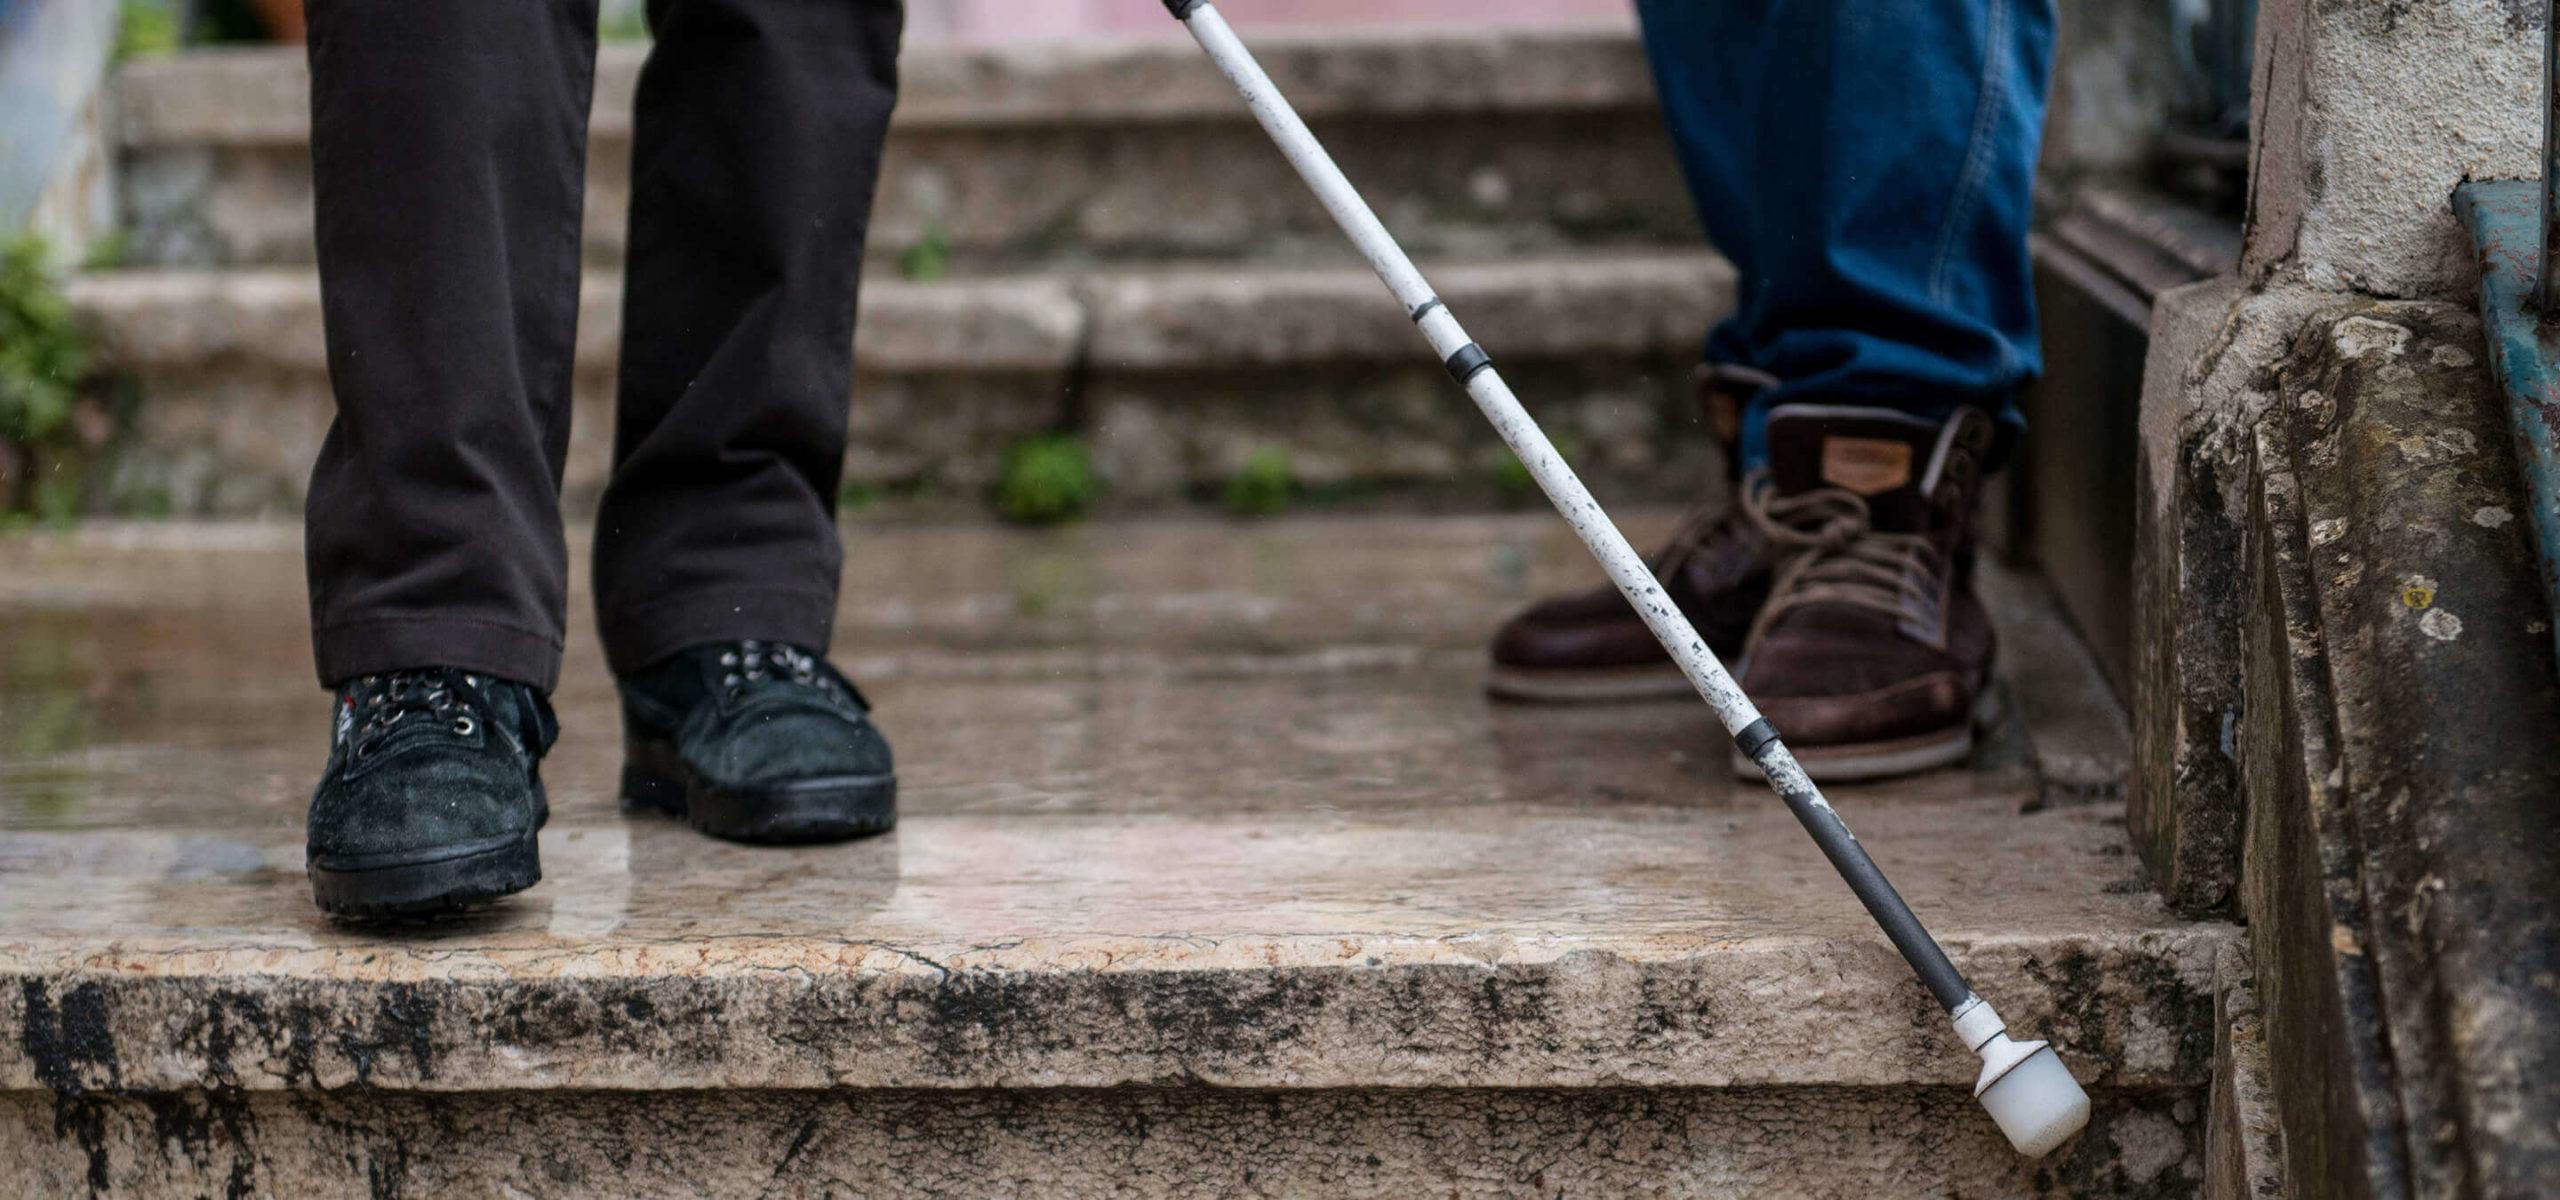 Pessoa invisual aprende a usar a bengala de apoio